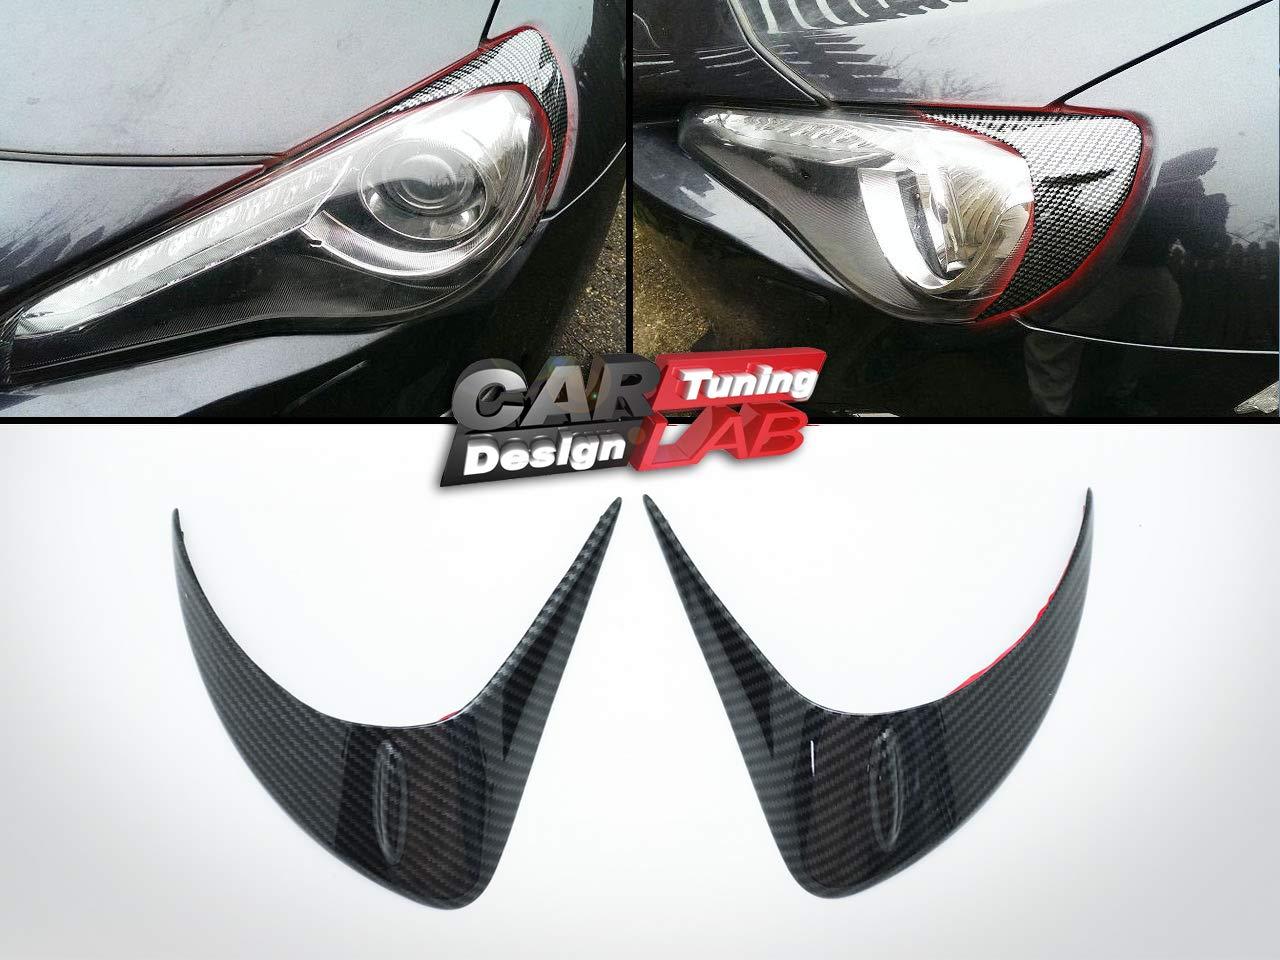 (2) Carbon palpebre fari sopracciglia cover CarLab